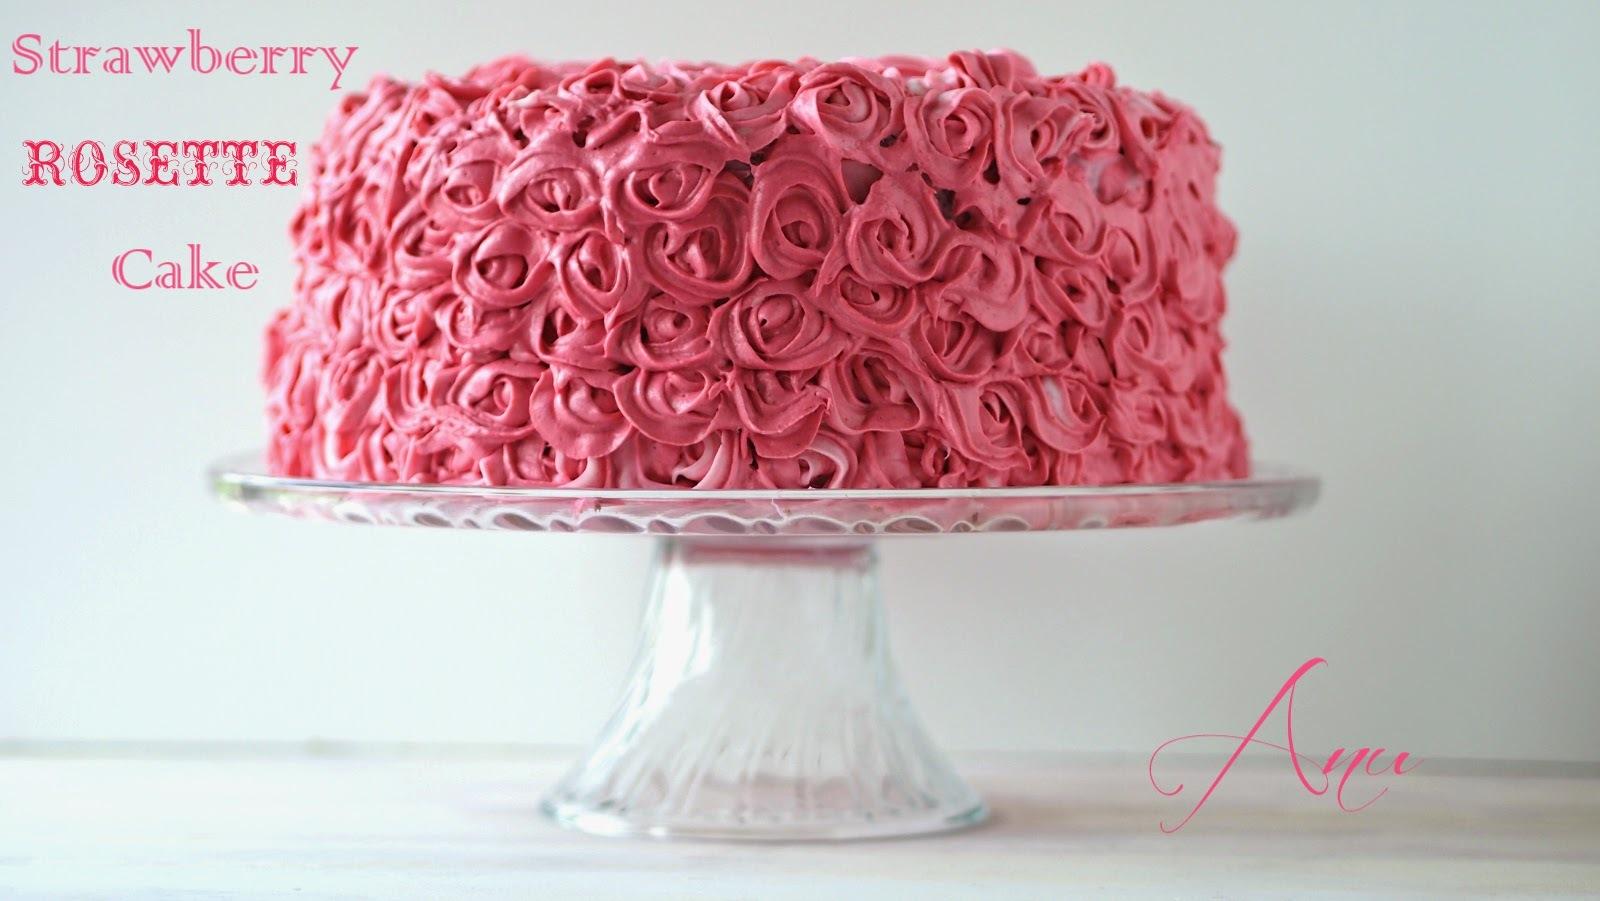 Strawberry Rosette Cake